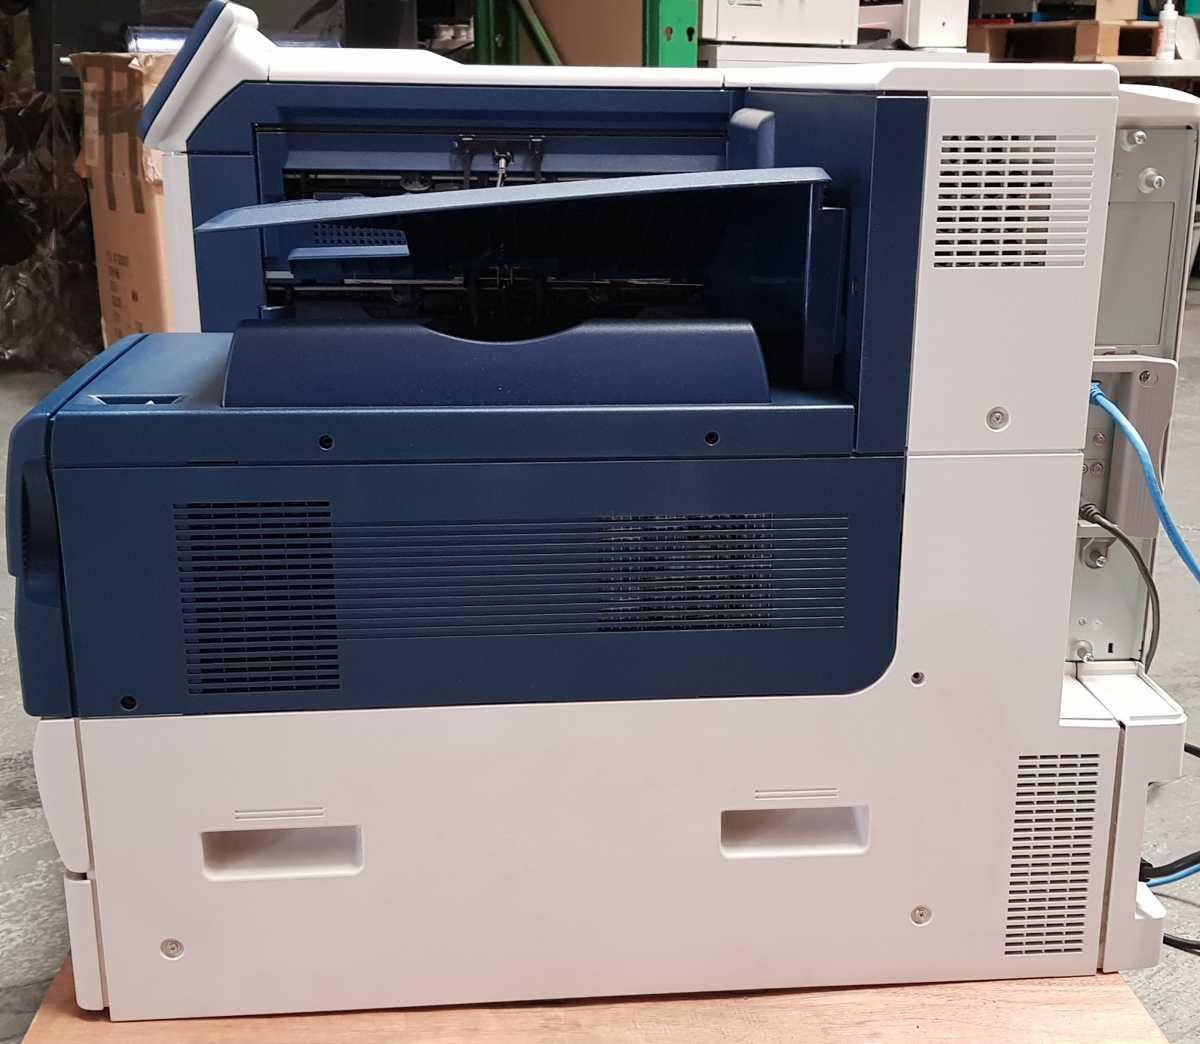 Xerox C5005d - Side View